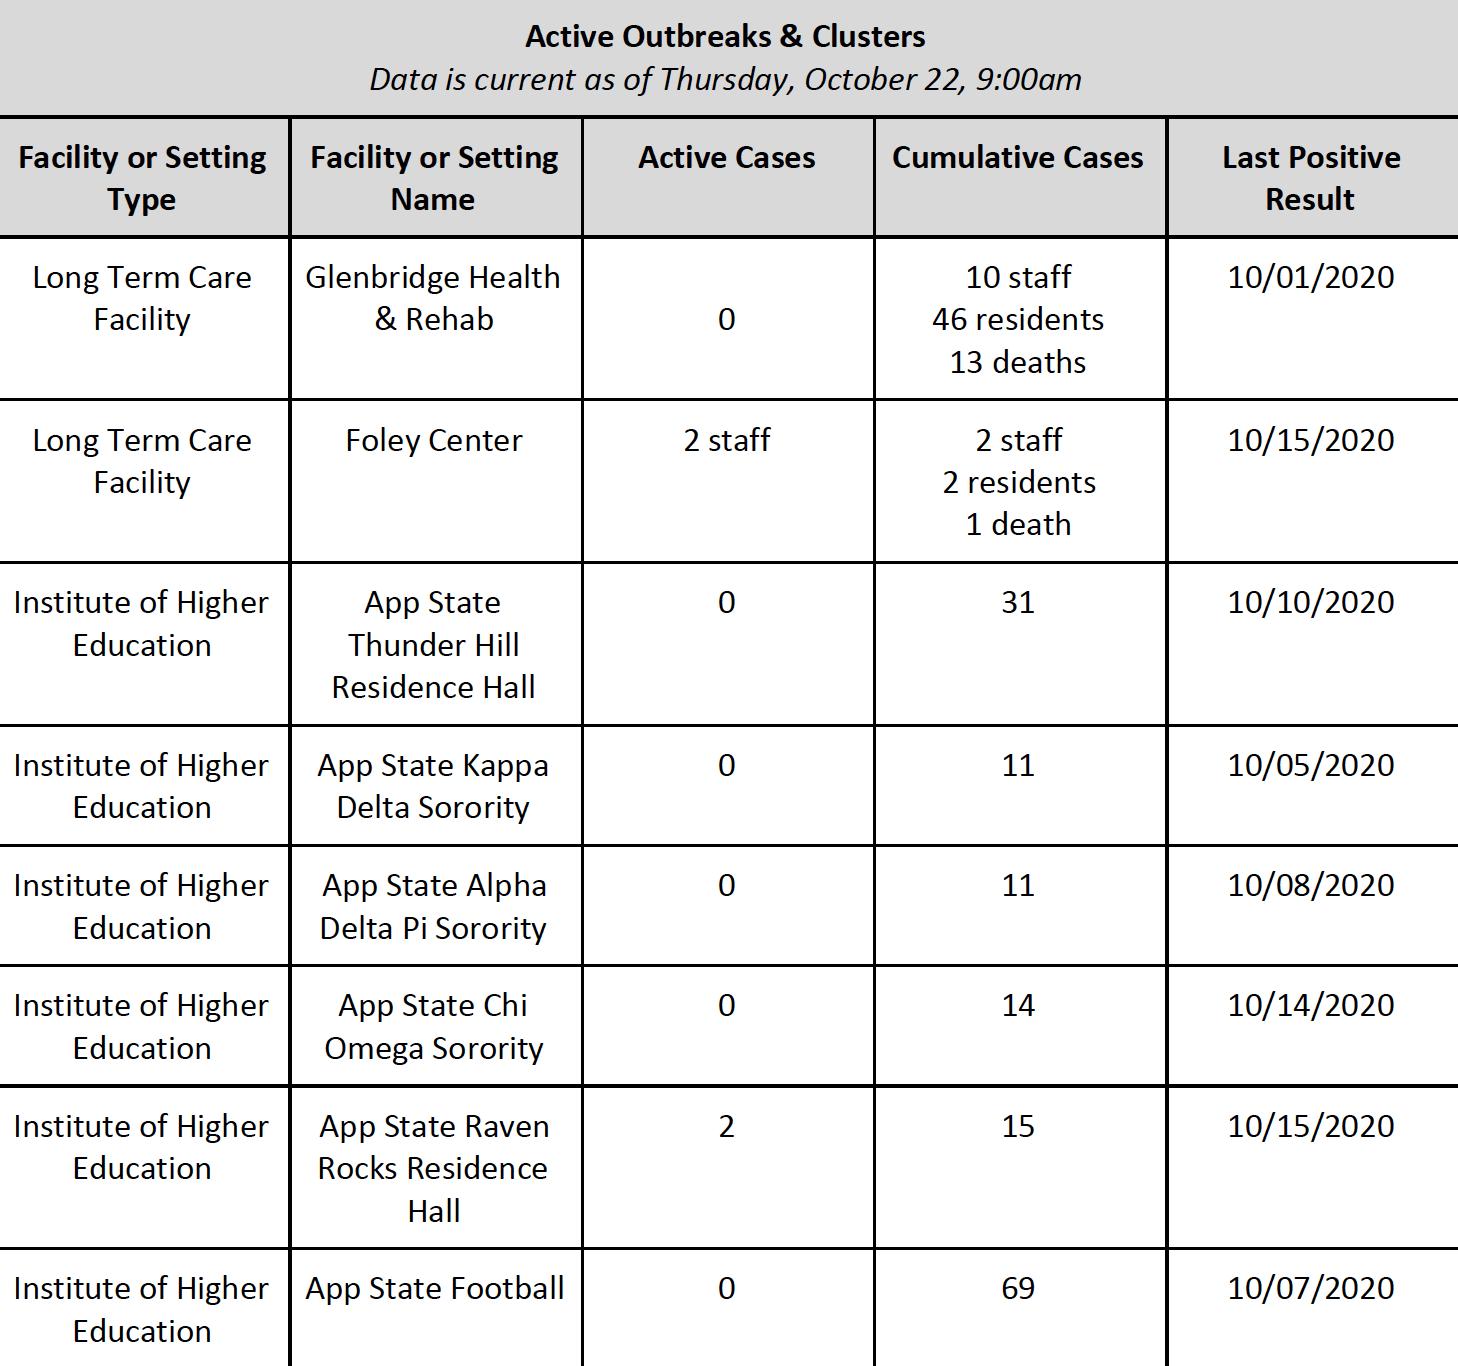 Friday October 30 -  Appalachian State, Watauga, Alleghany & Ashe COVID-19 Cases Data